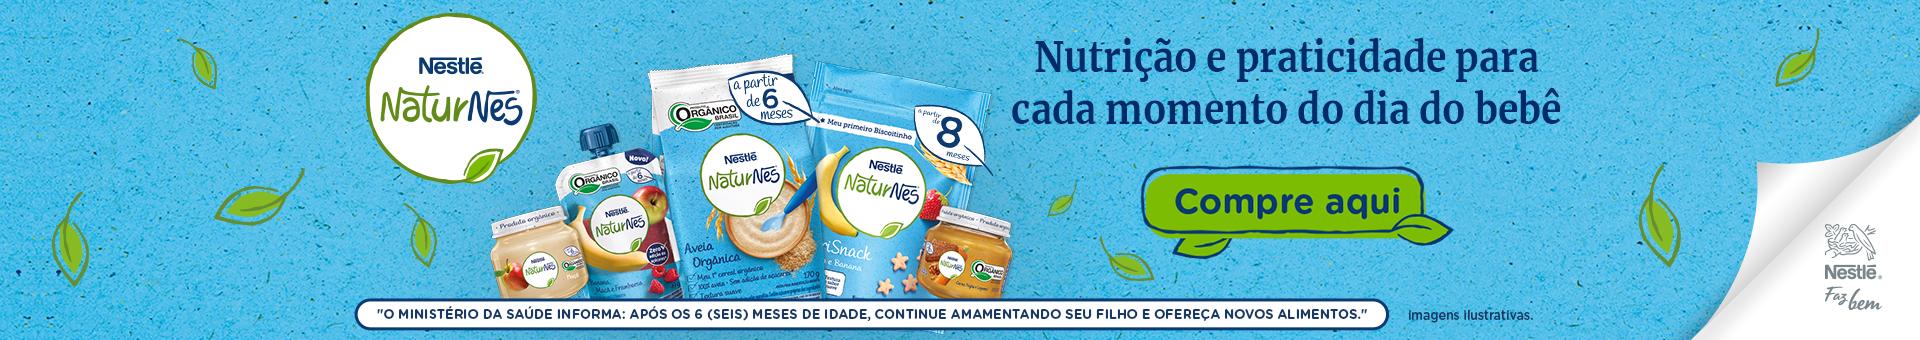 Nestlé Naturnes - 15/06 até 30/06